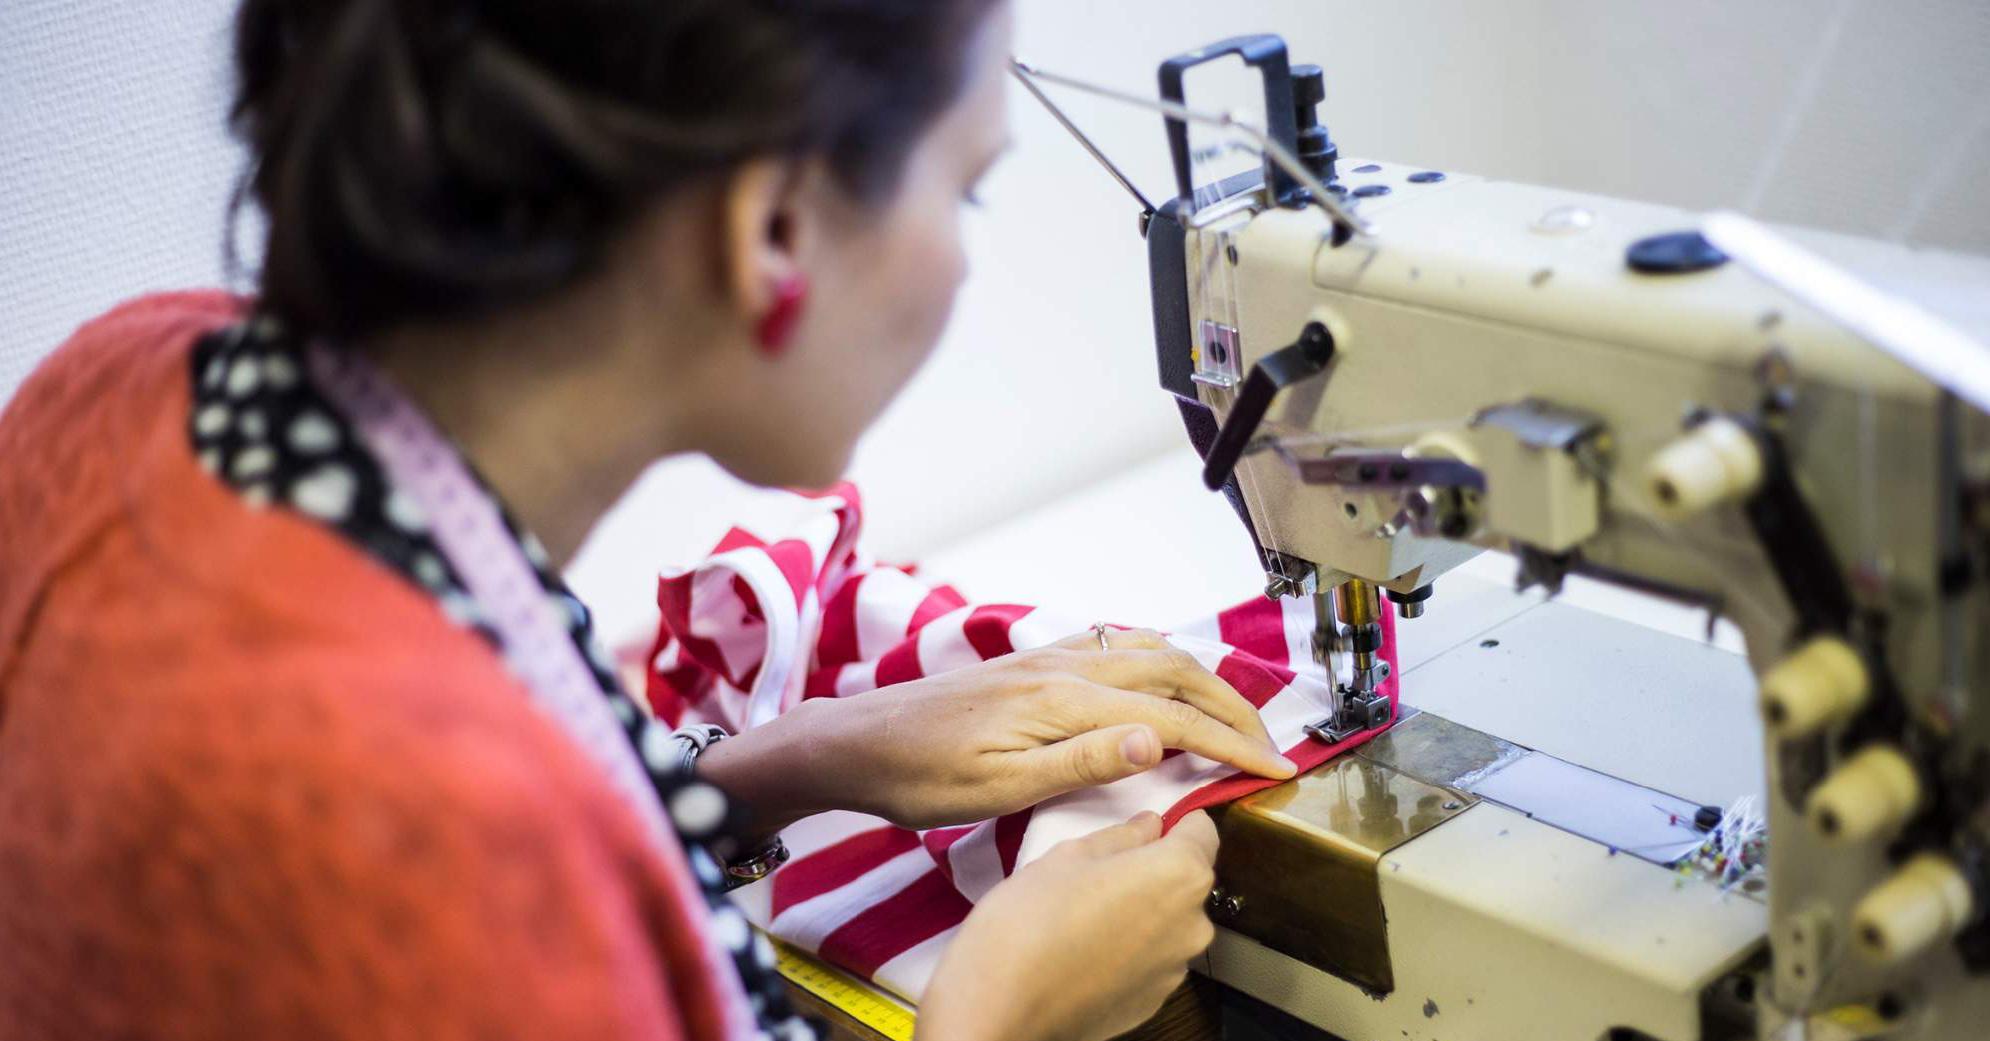 Česká návrhářka dává látkám připraveným na vyhození nový život